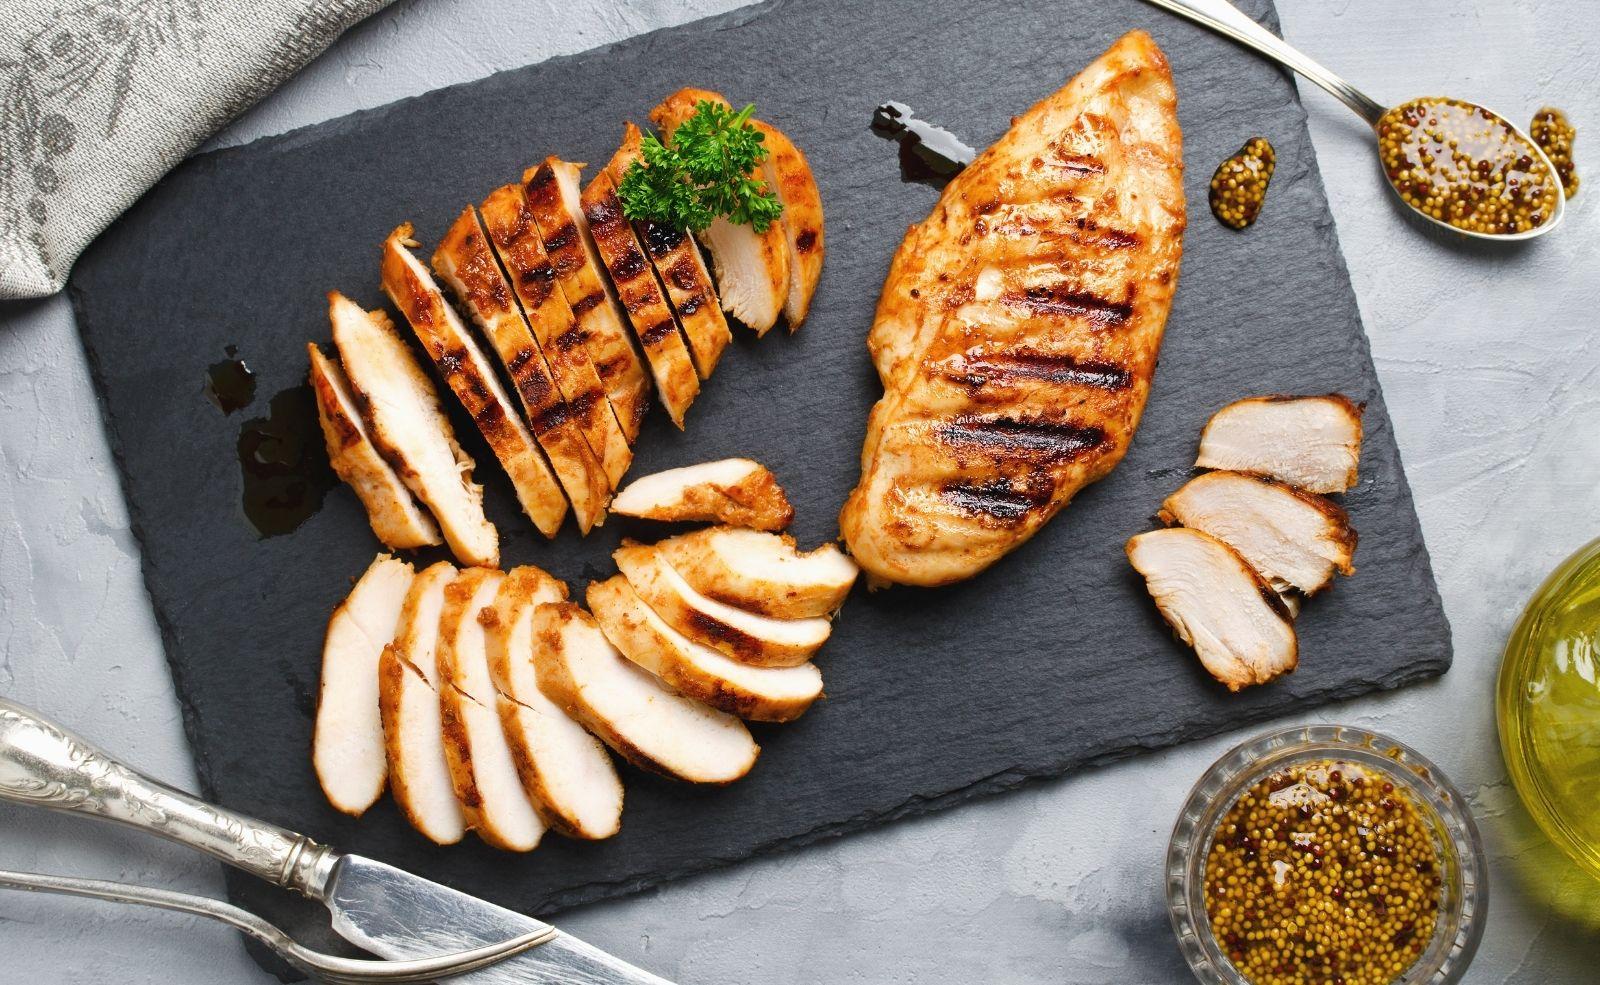 Huhn bei Niedrigtemperaturverfahren zubereiten, sorgt für ein saftiges, aber kein knuspriges Ergebnis